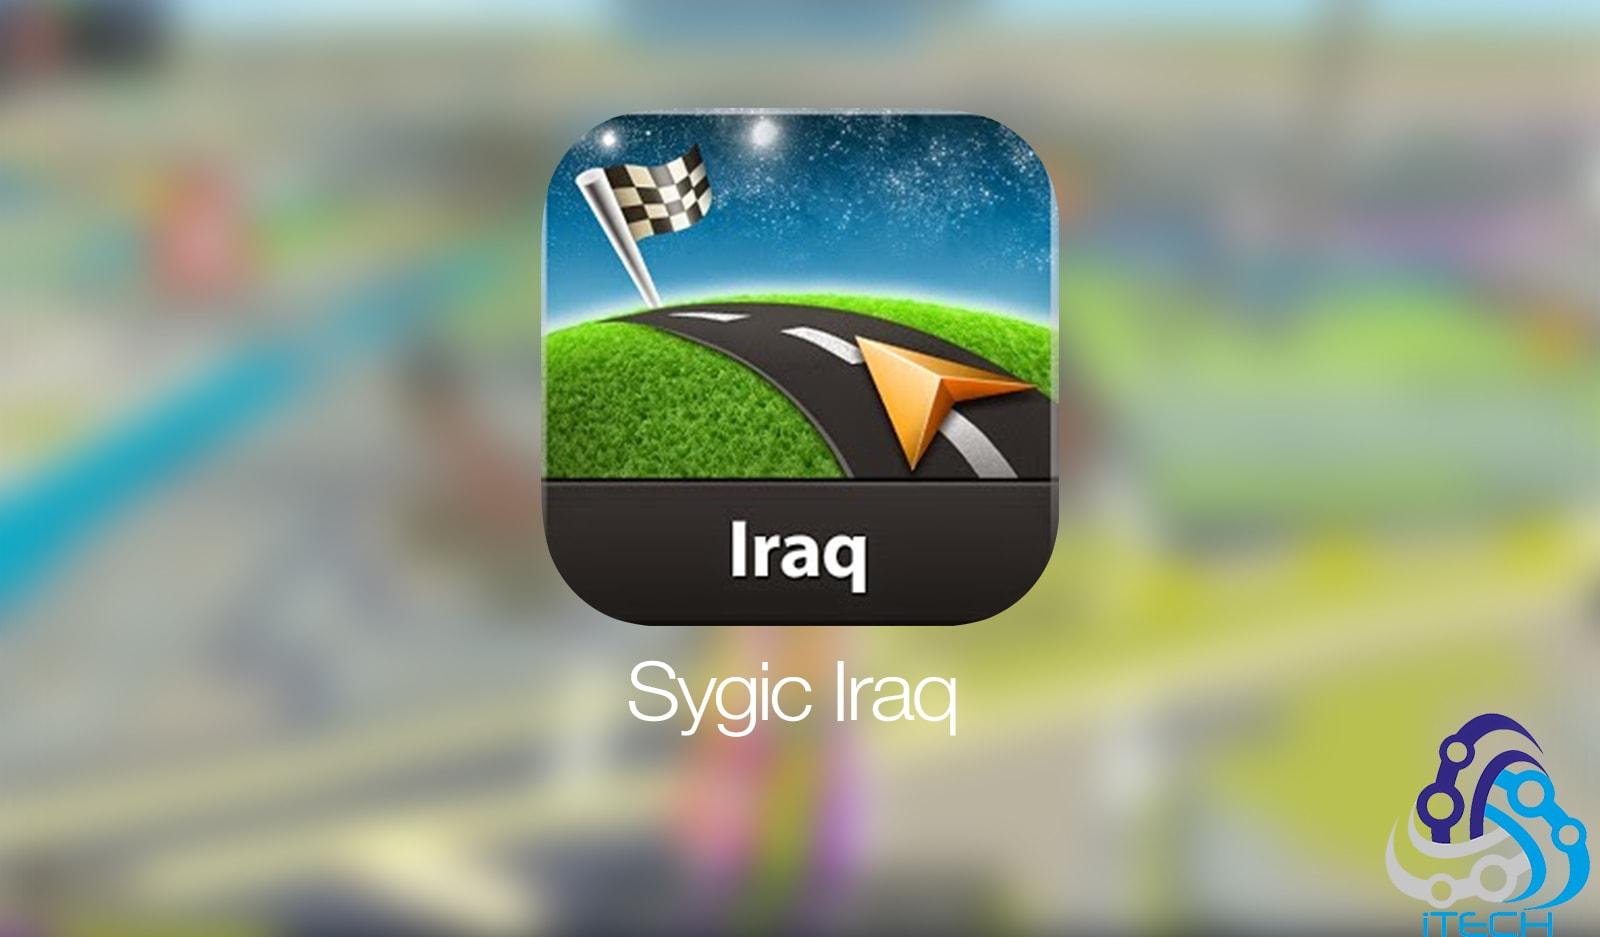 تحميل سايجك العراق للايفون والايباد بدون جلبريك